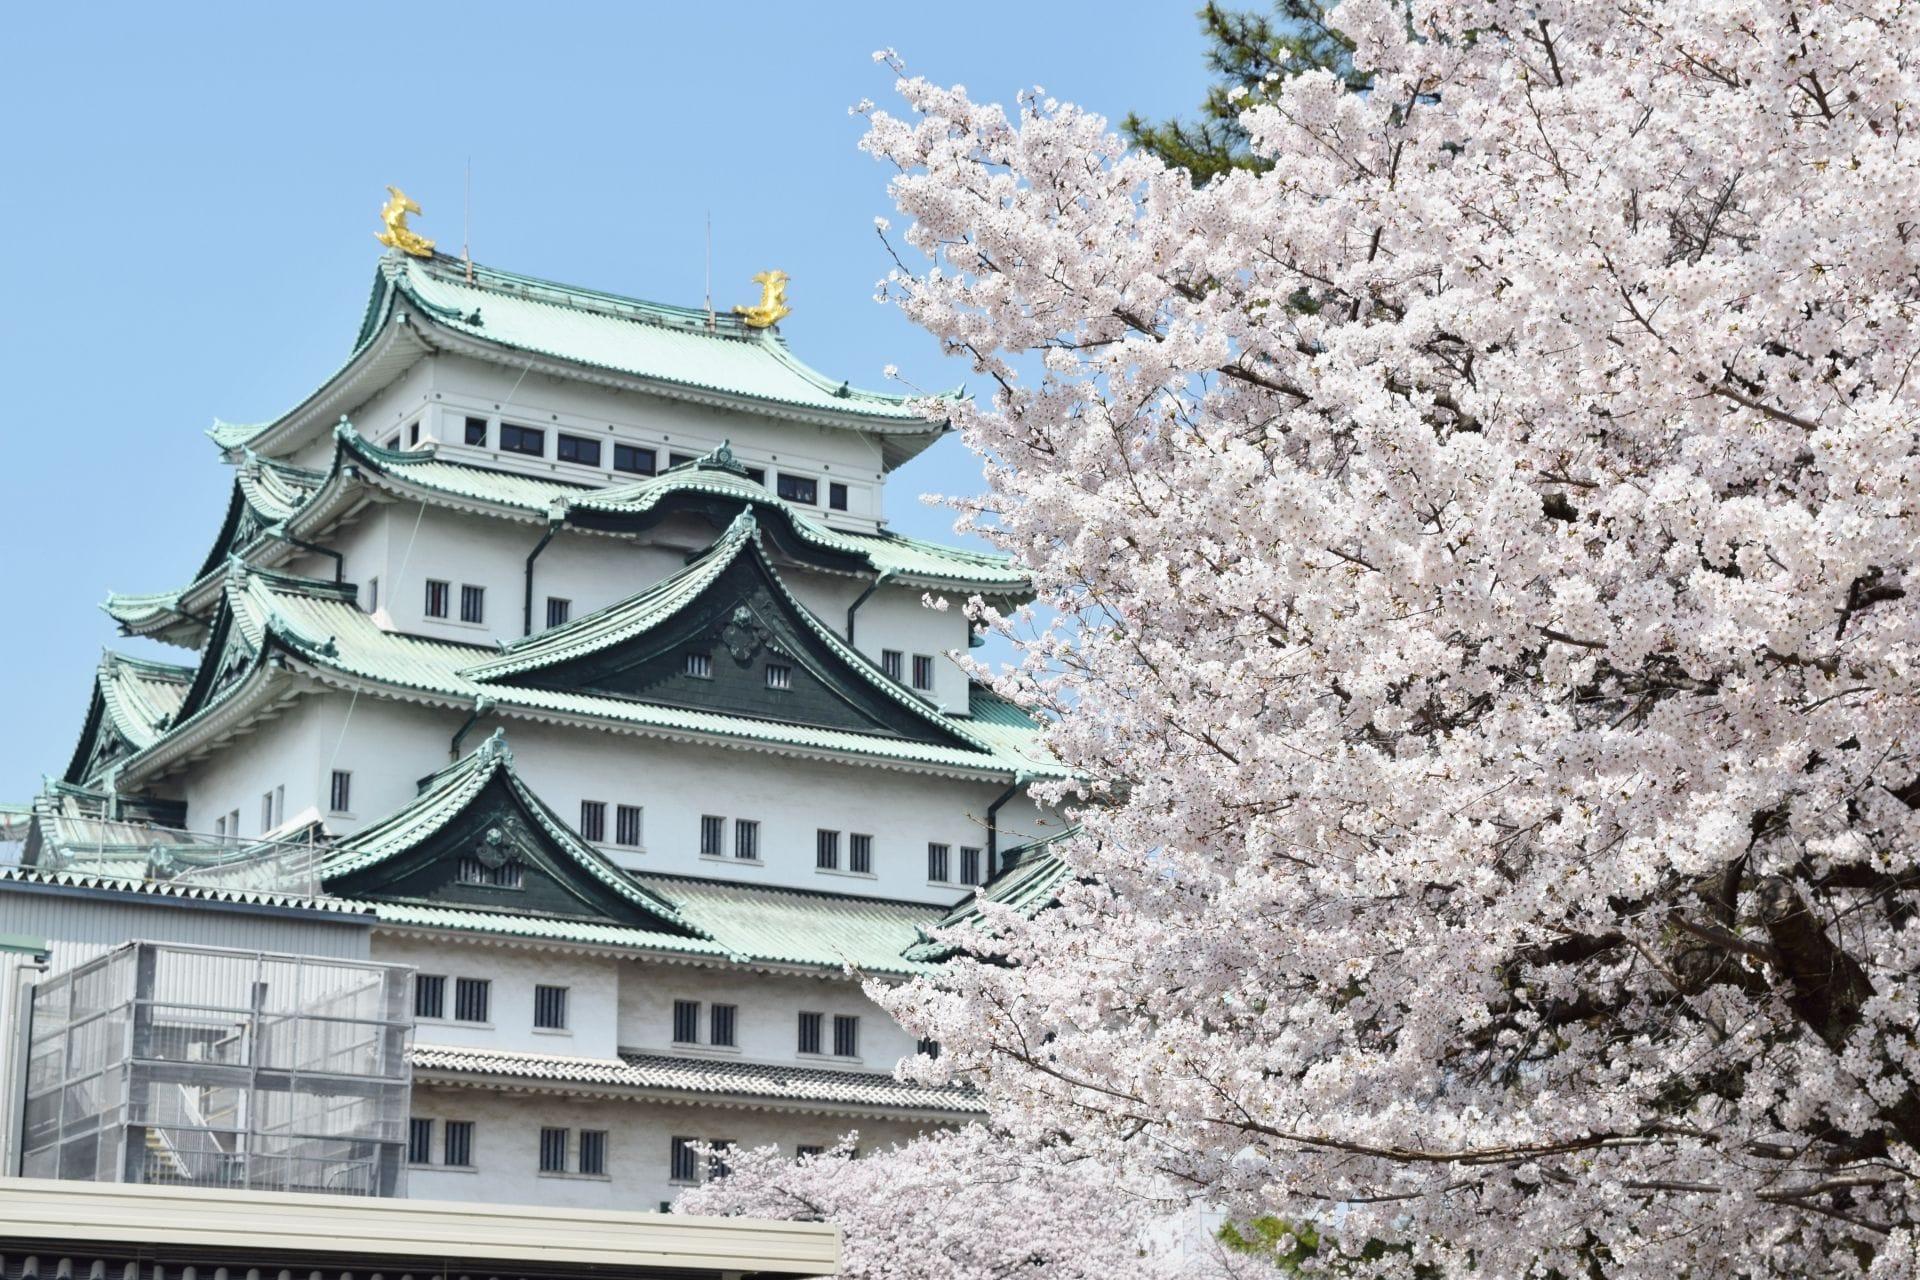 【春】日本春天旅遊食衣住行須知